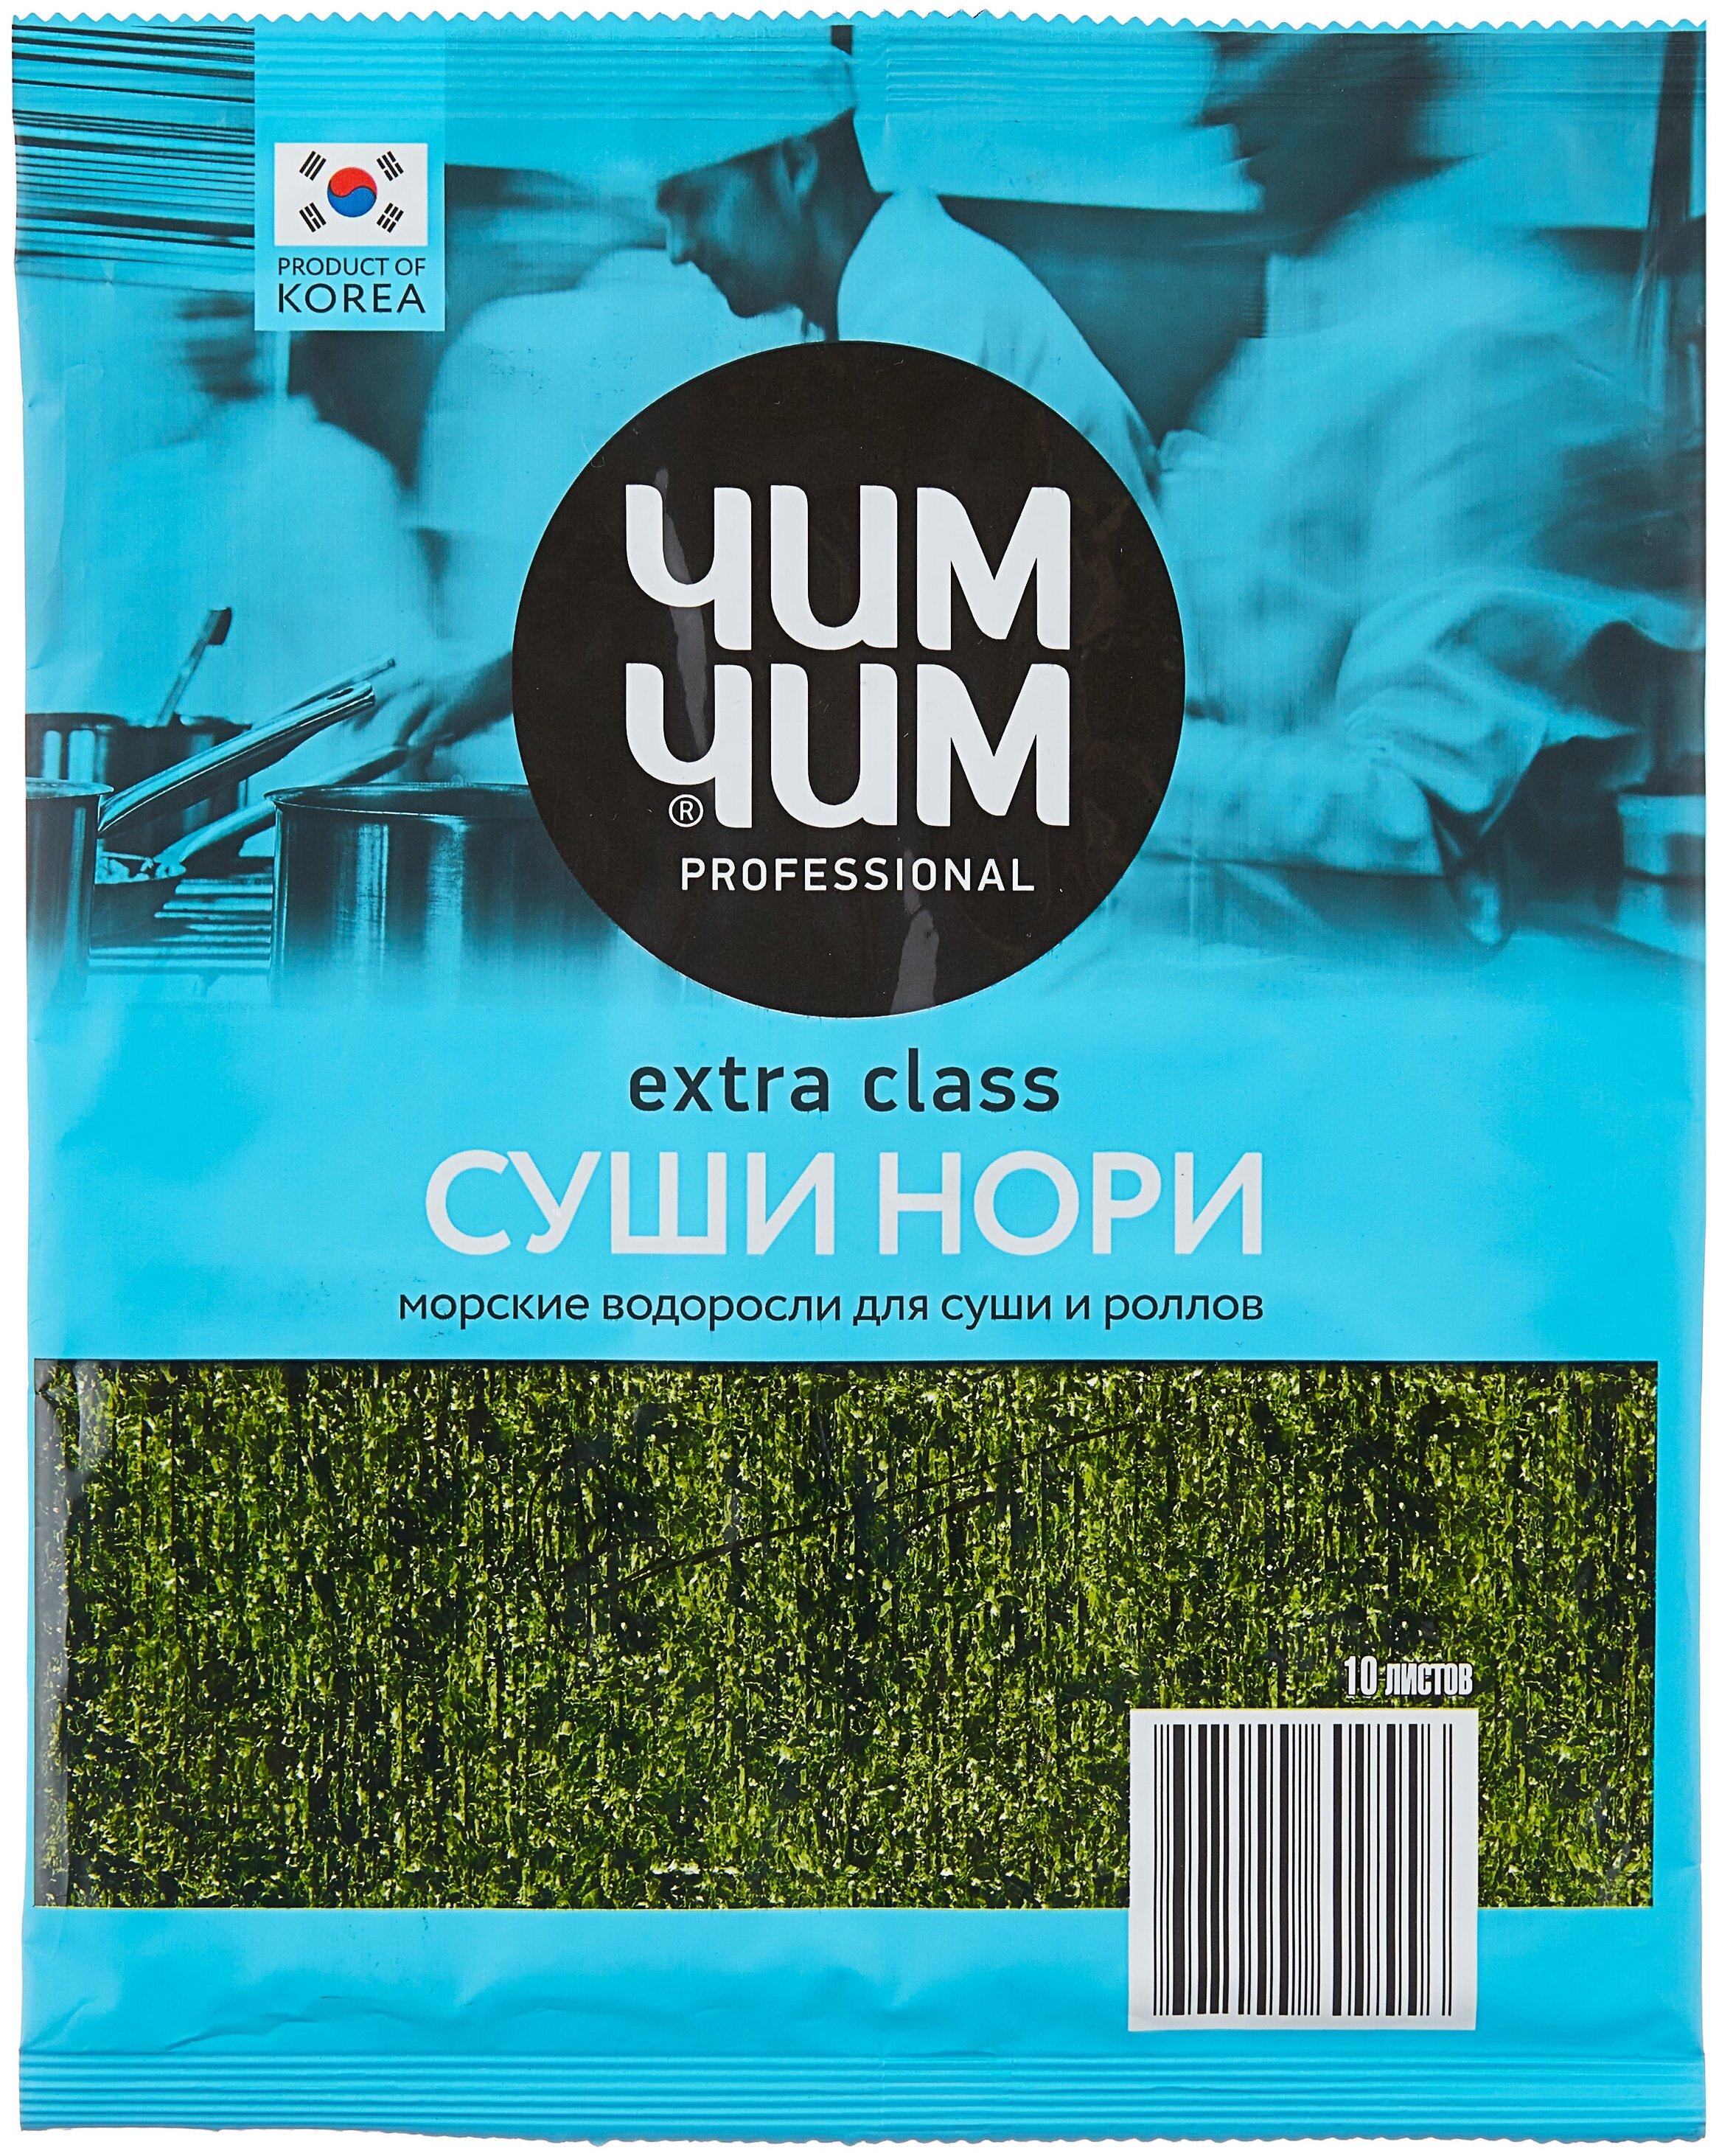 ЧИМ-ЧИМ Морские водоросли Нори, 24 г — купить по выгодной цене на Яндекс.Маркете